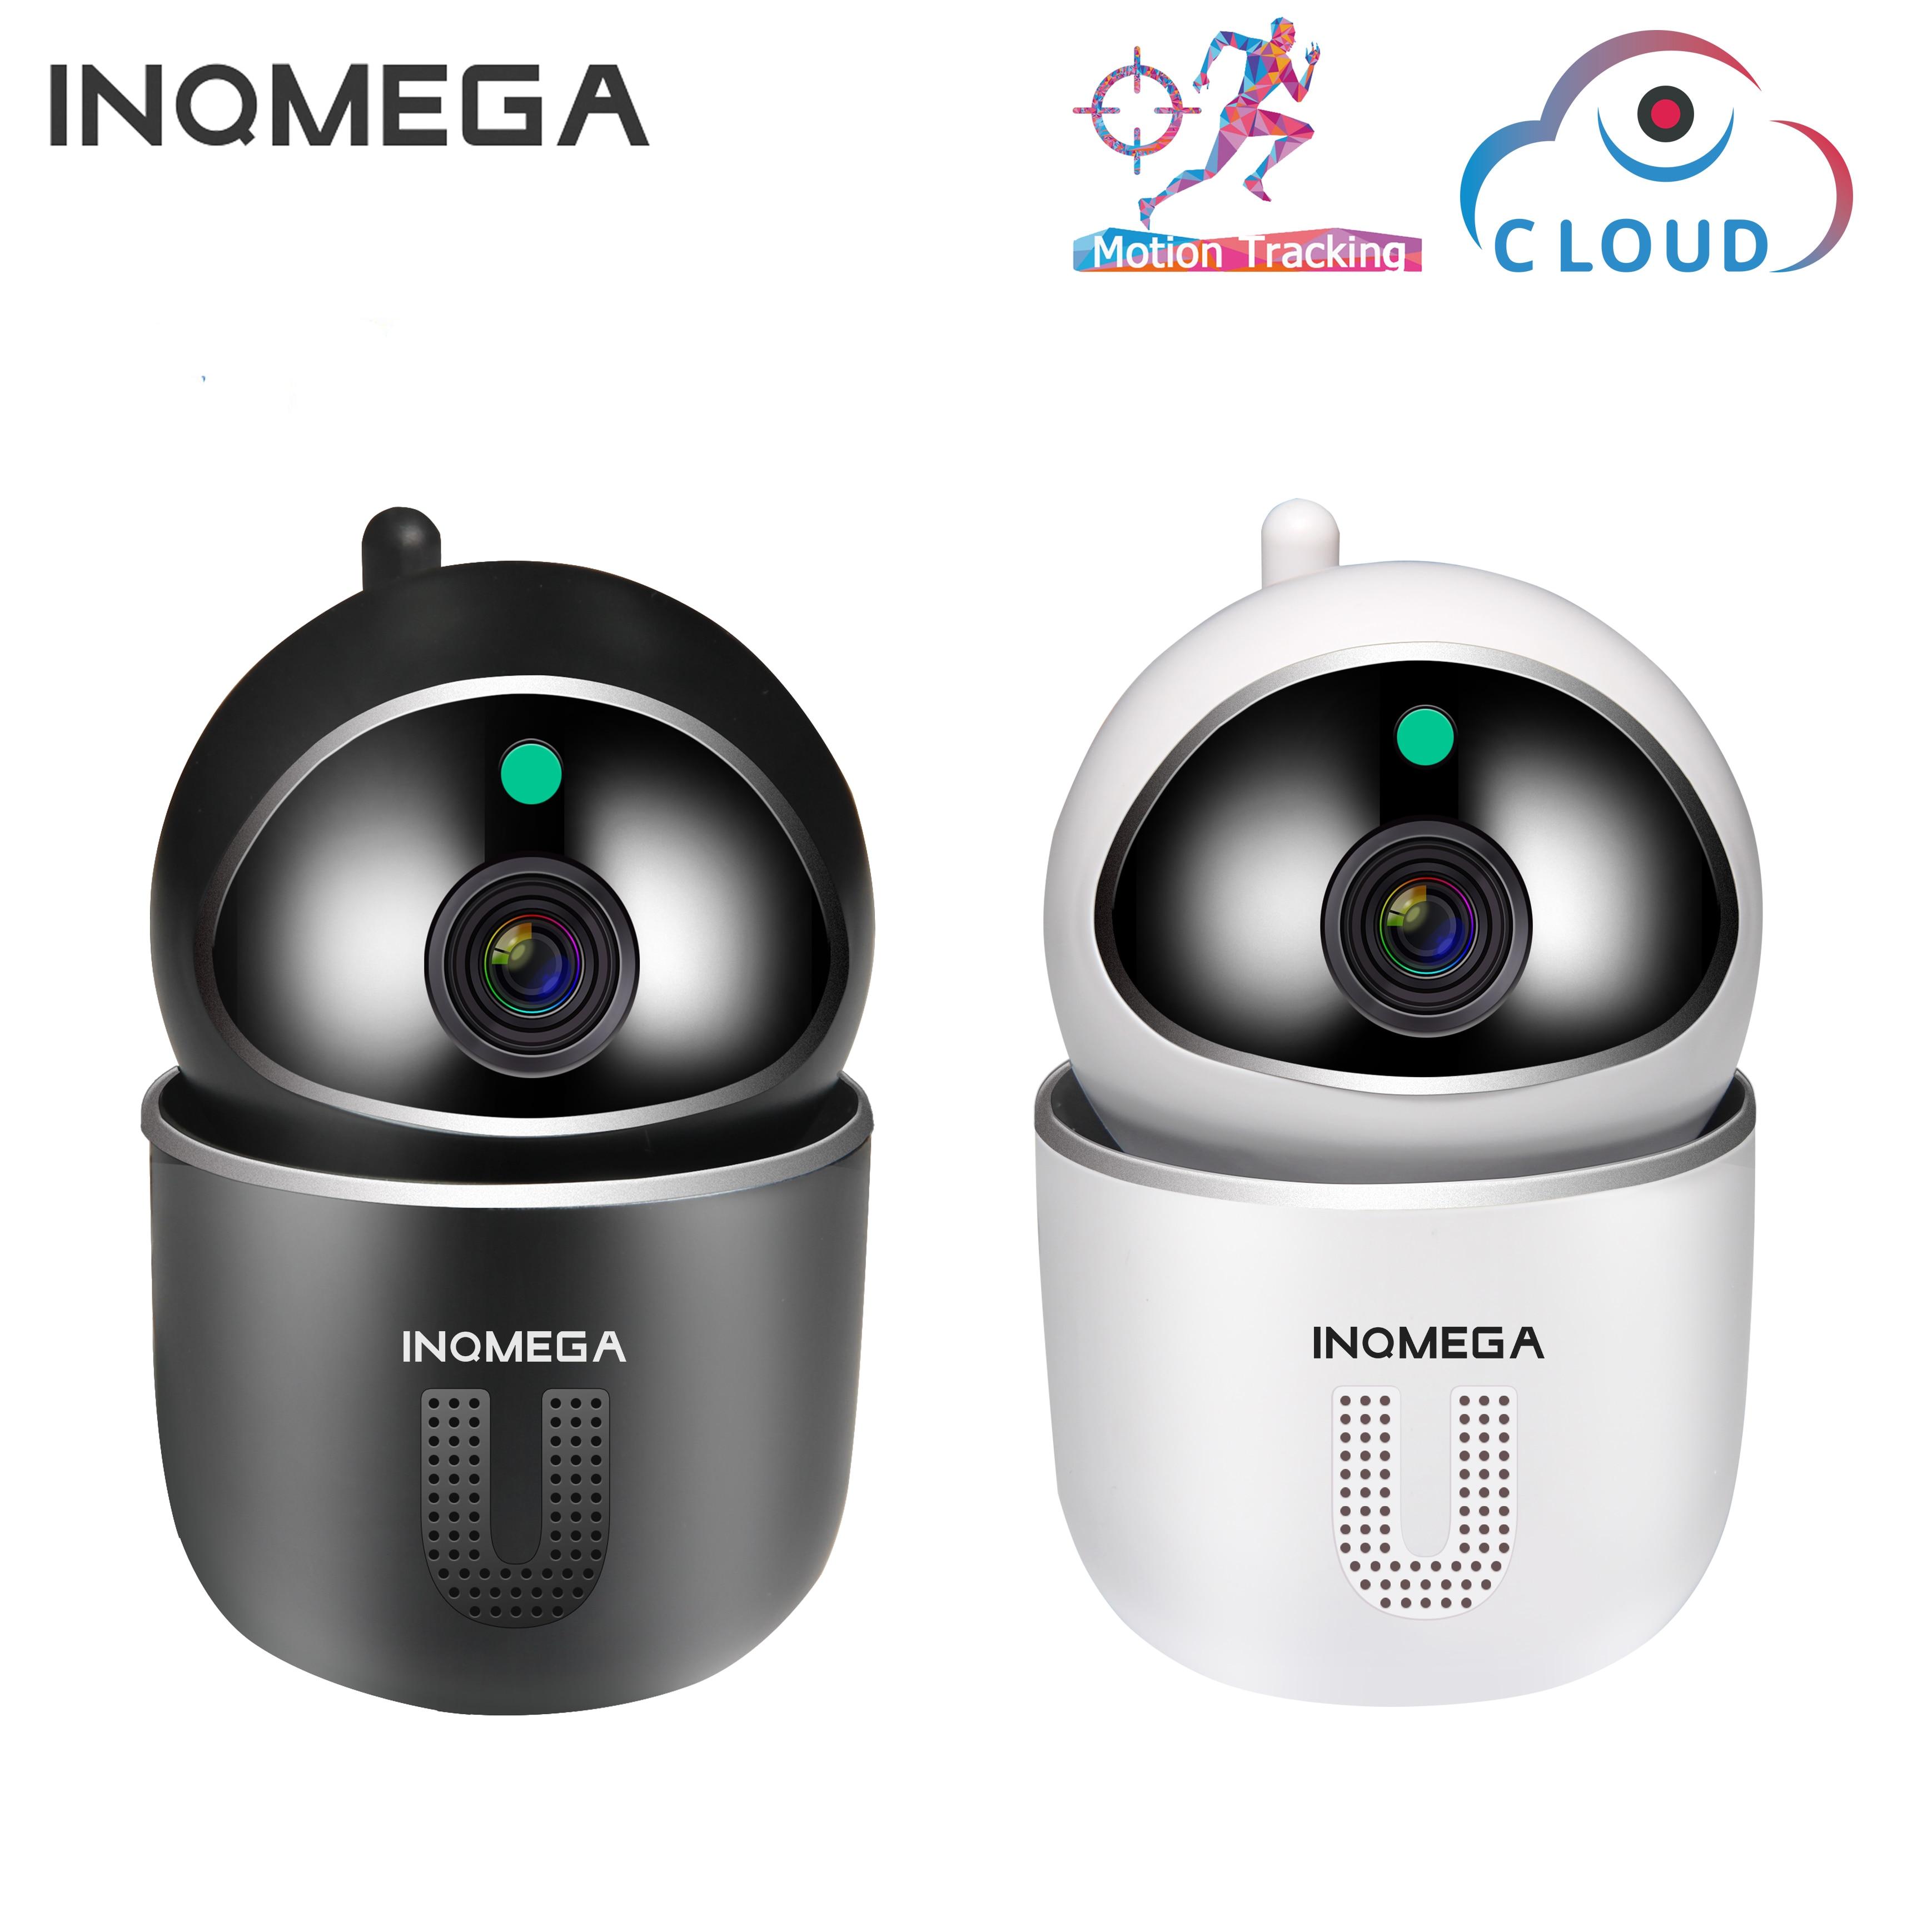 INQMEGA 1080P облачная ip  камера с автоматическим отслеживанием, камера наблюдения для домашней безопасности, беспроводная WiFi сетевая CCTV камера, детский мониторКамеры видеонаблюдения    АлиЭкспресс